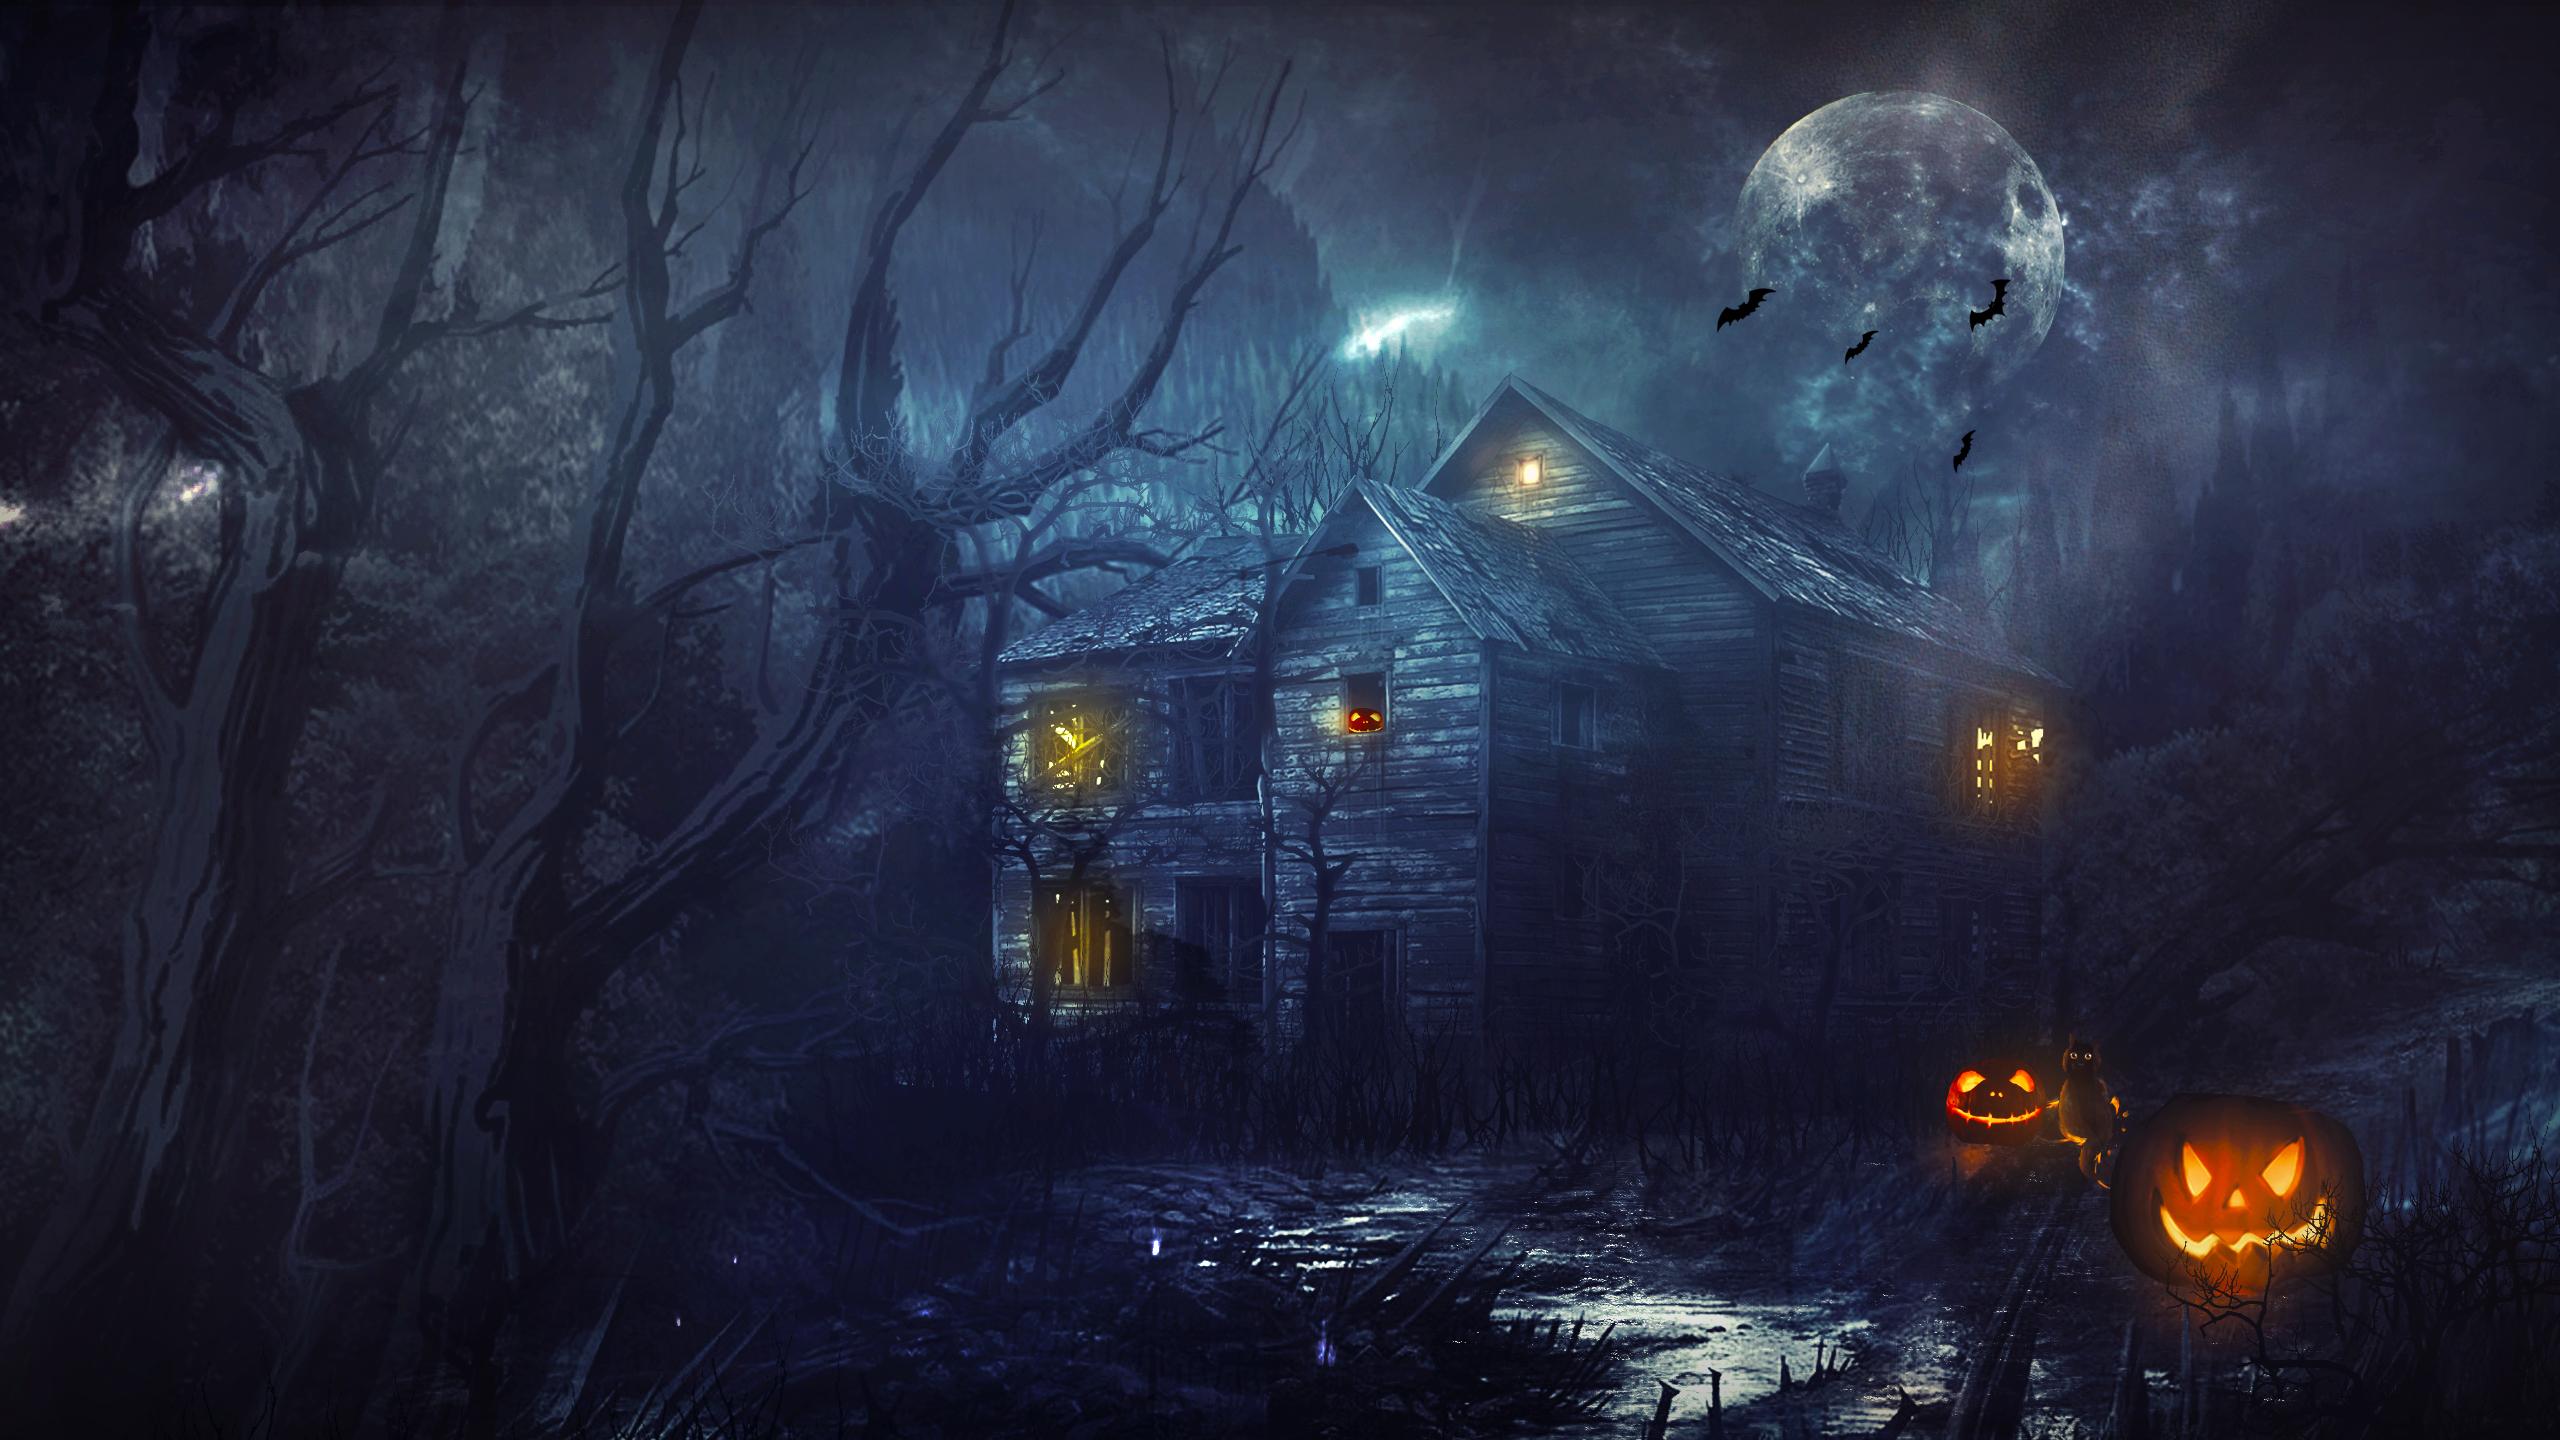 Best Wallpaper Halloween Haunted - 739643  Pic_59937.jpg